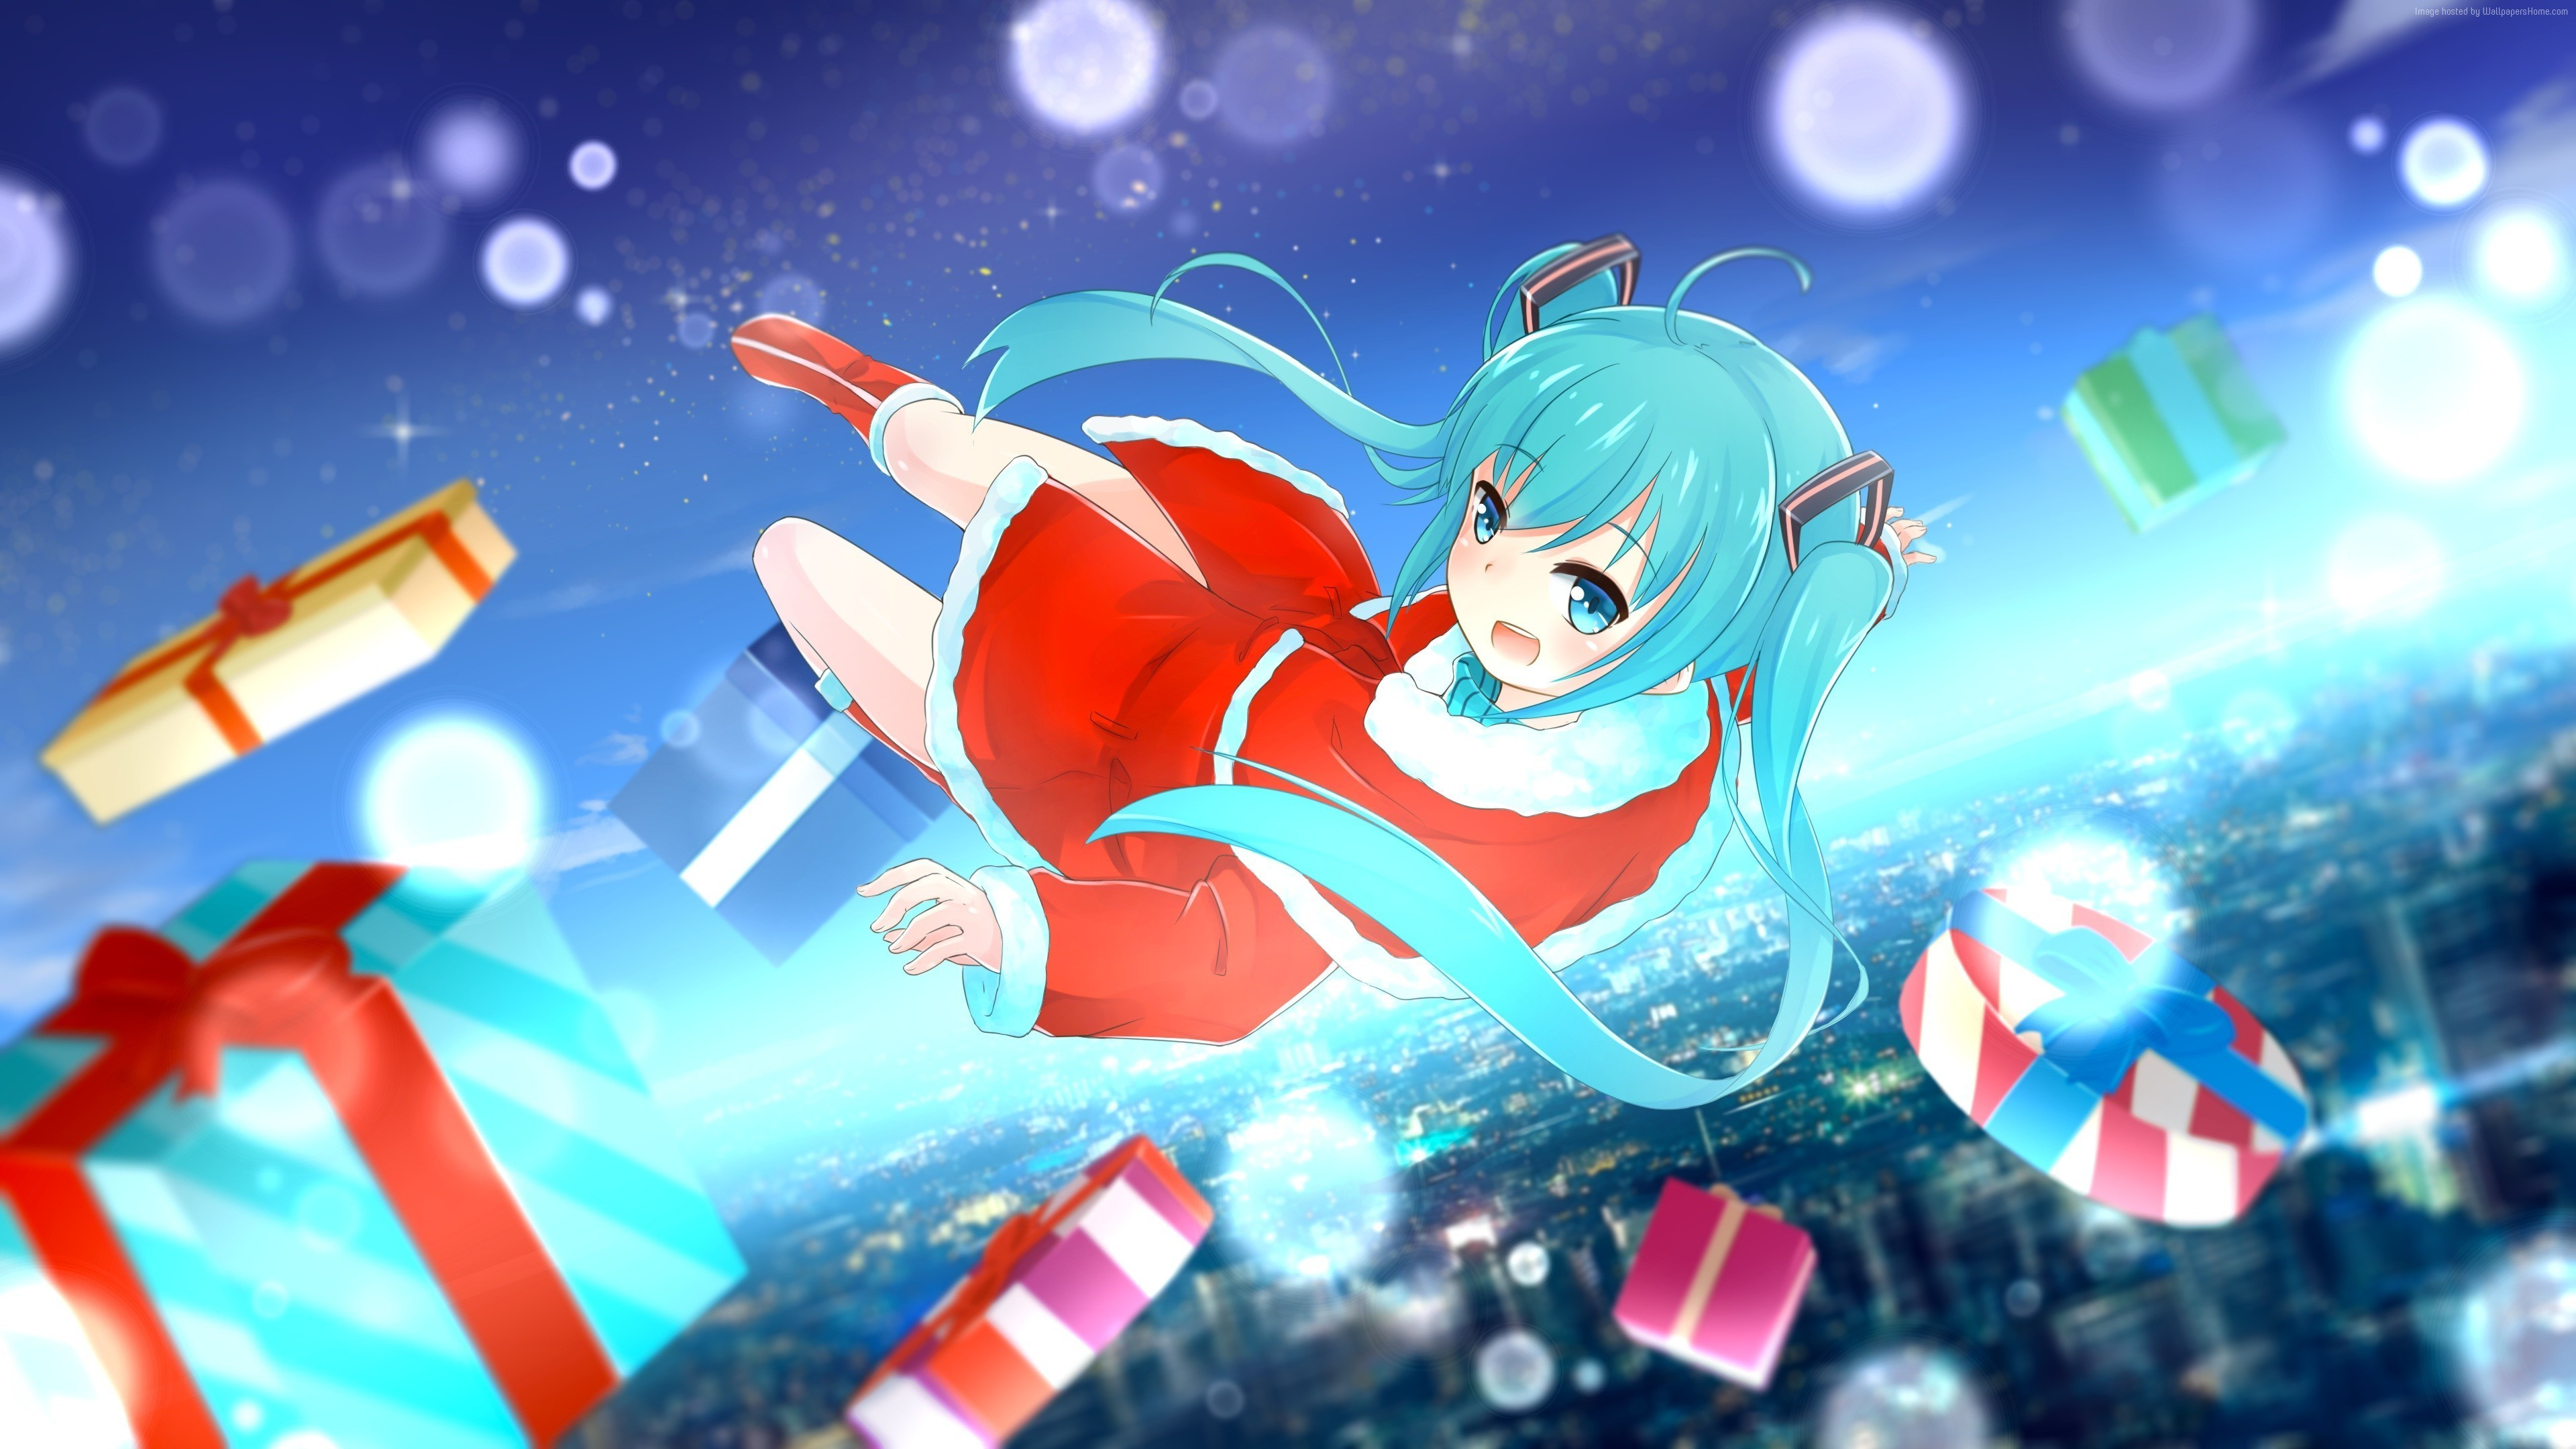 Wallpaper anime, girl, hot, Christmas, New Year, 4k, Art #16584